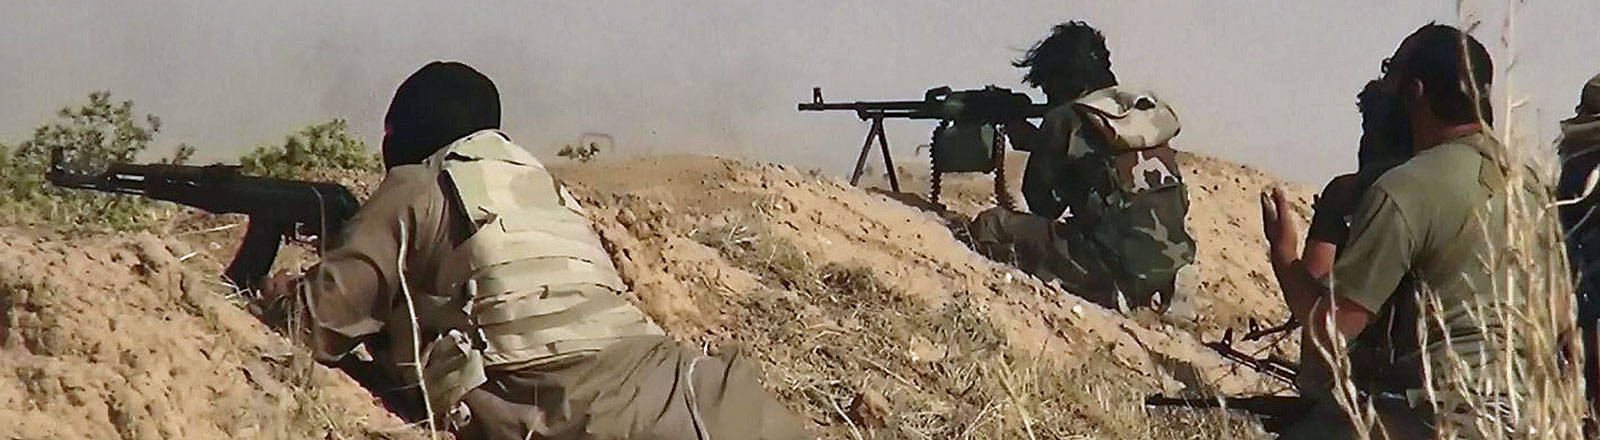 """Kämpfer des """"Islamischen Staates"""" - ein Foto, das die Dschihadisten-Gruppe """"Albaraka"""" über ihren Twitter-Account verbreitet hat."""